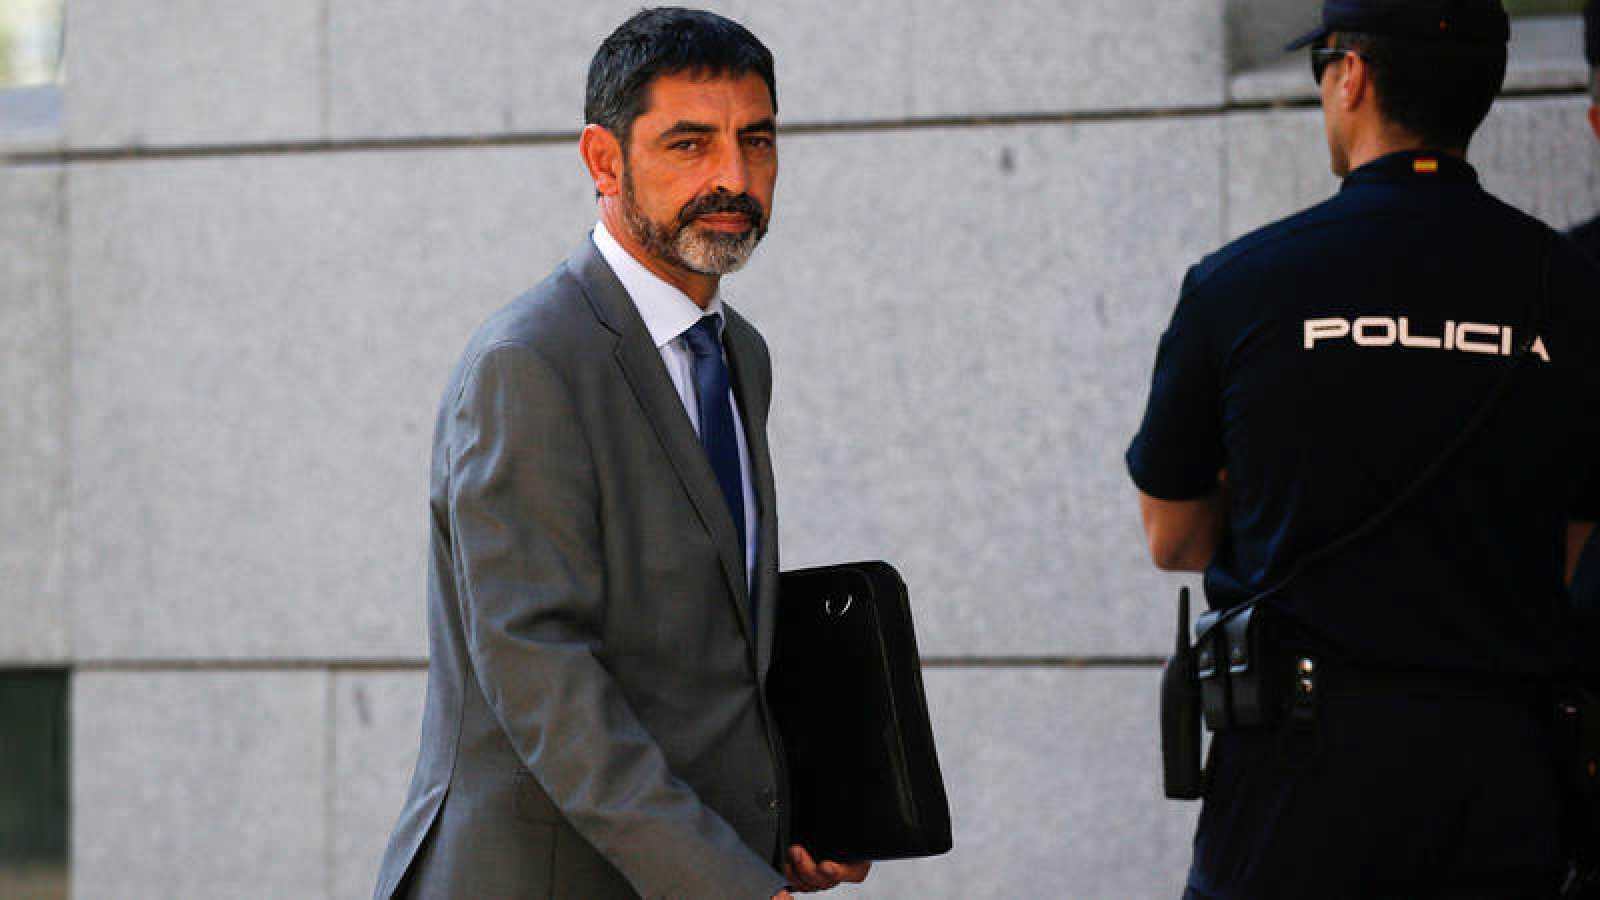 El mayor de los Mossos d'Esquadra, Josep Lluis Trapero, saliendo de la Audiencia Nacional